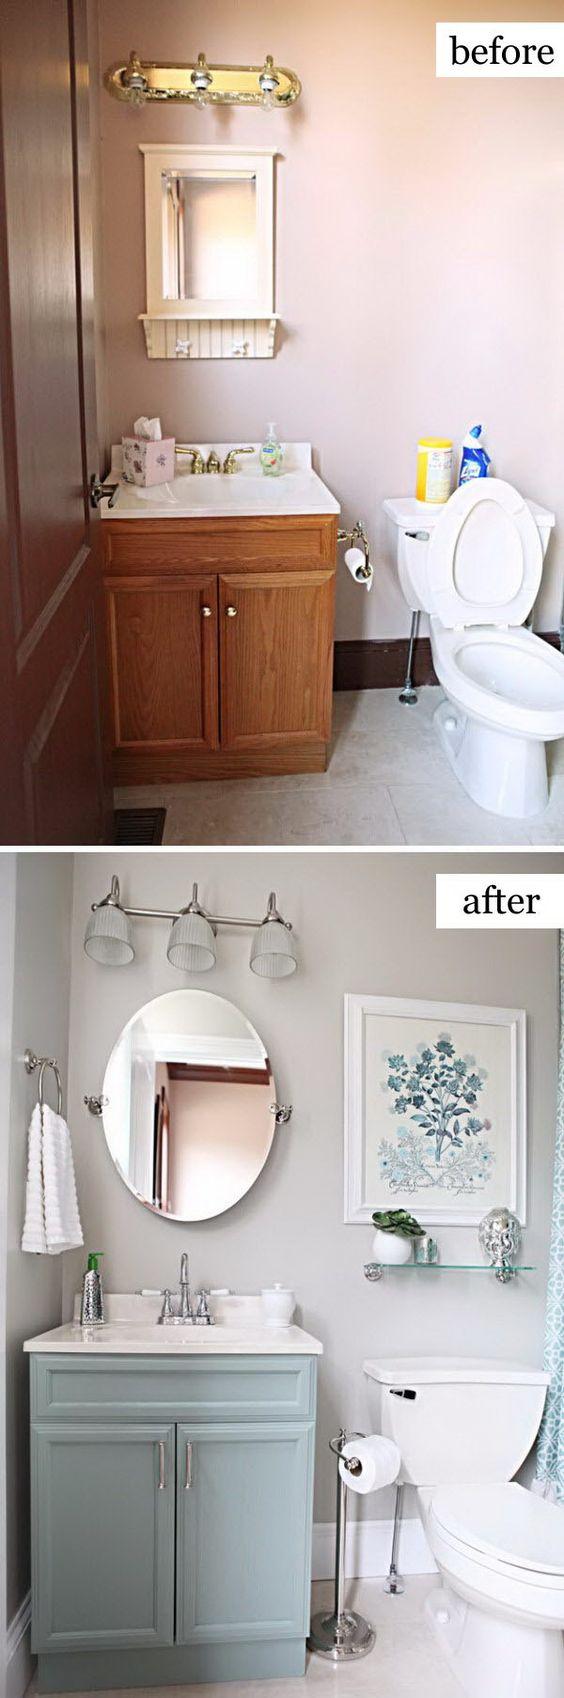 越来越厌倦你过时的浴室?我们有很好的DIY浴室的想法来激发你的装修计划。无论你想要一个平房农舍浴室改造,budg